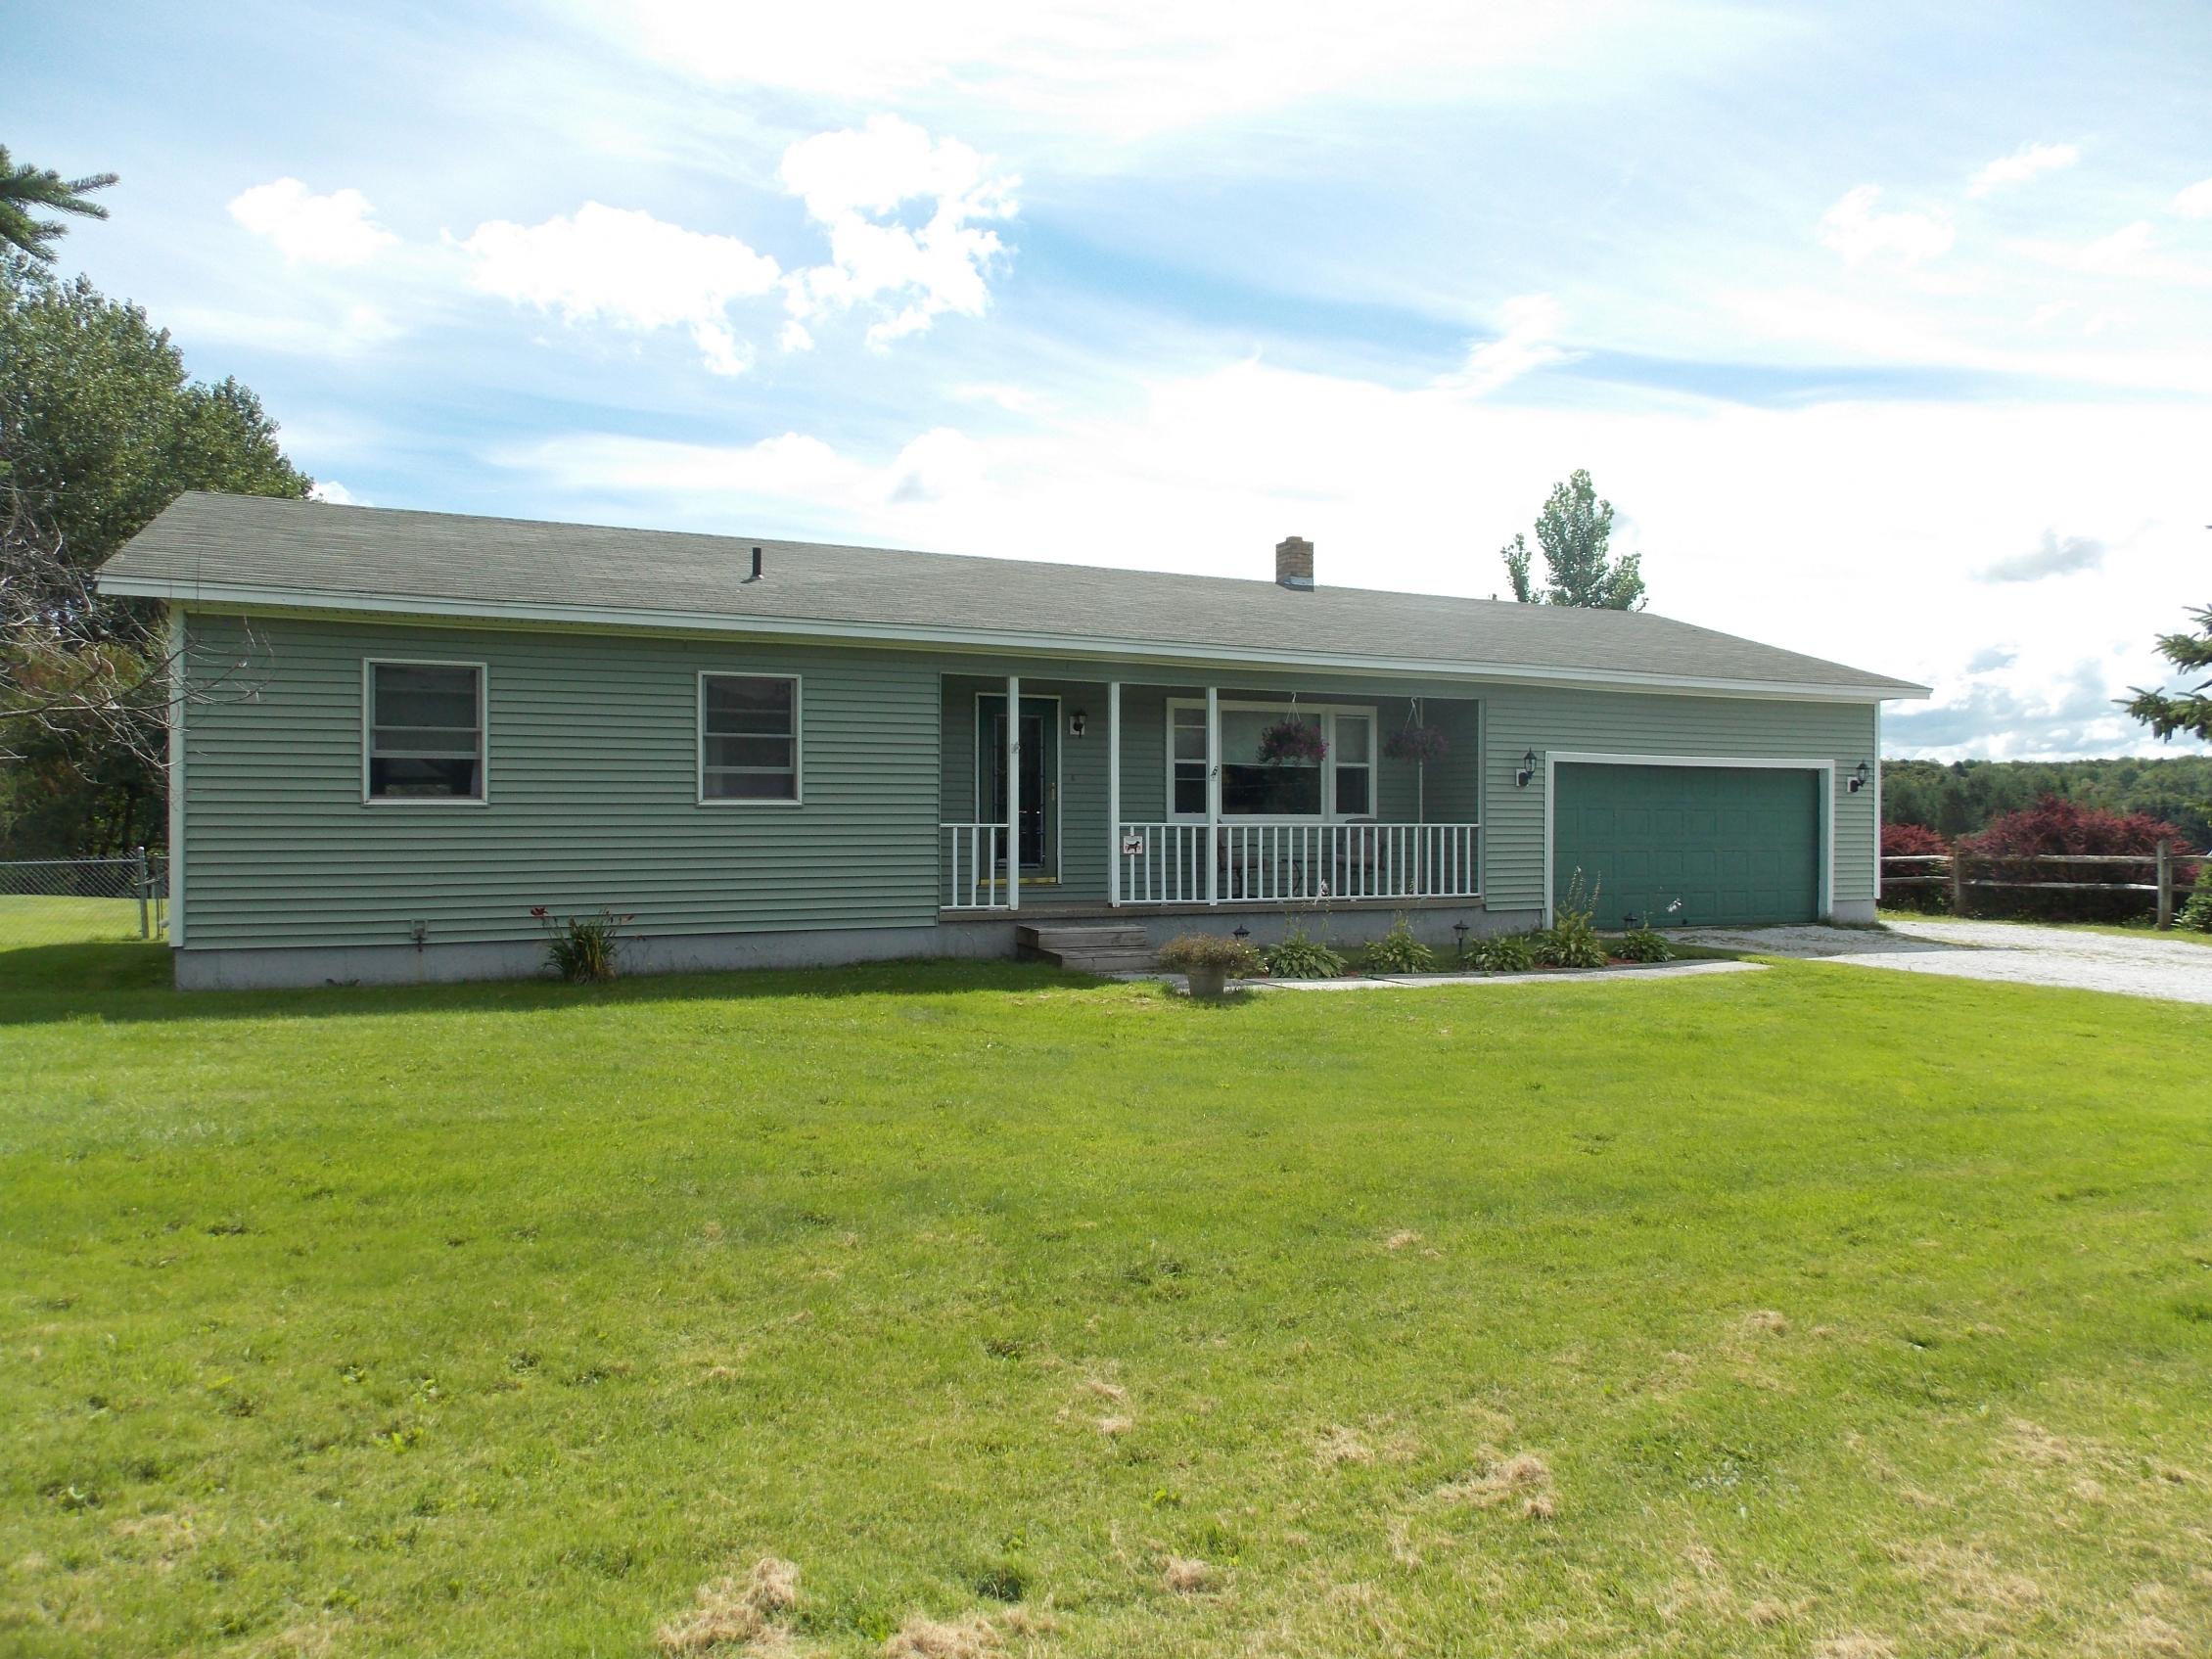 Casa para uma família para Venda às 91 Rugg Rd, St. Albans Town St. Albans, Vermont 05478 Estados Unidos